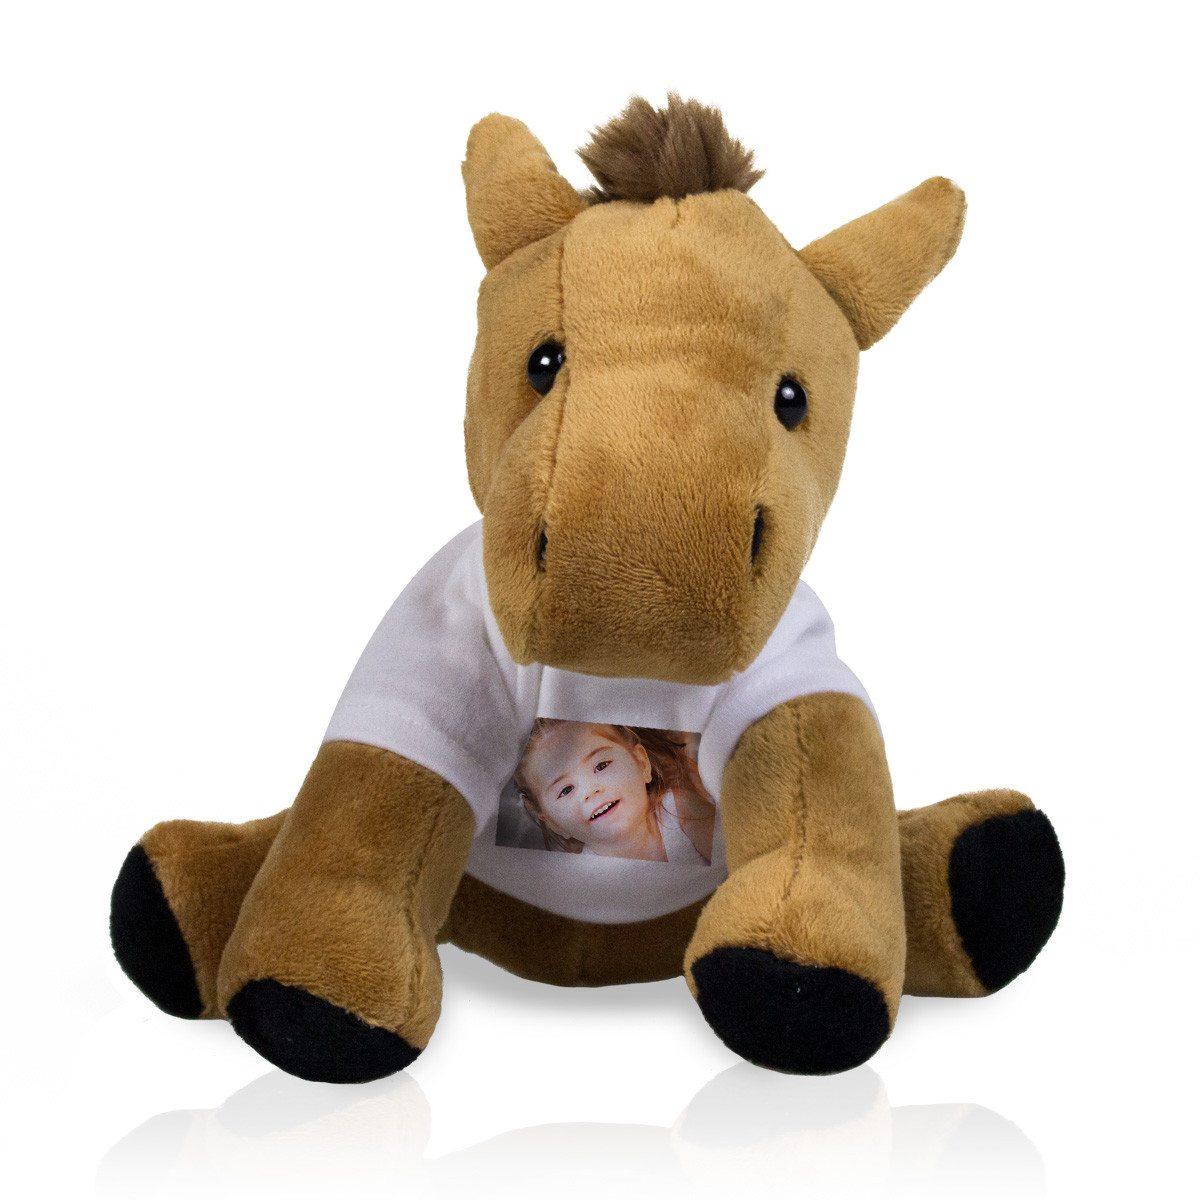 Peluche de pony con foto vistiendo vuestra mejor foto - Peluches con foto ...